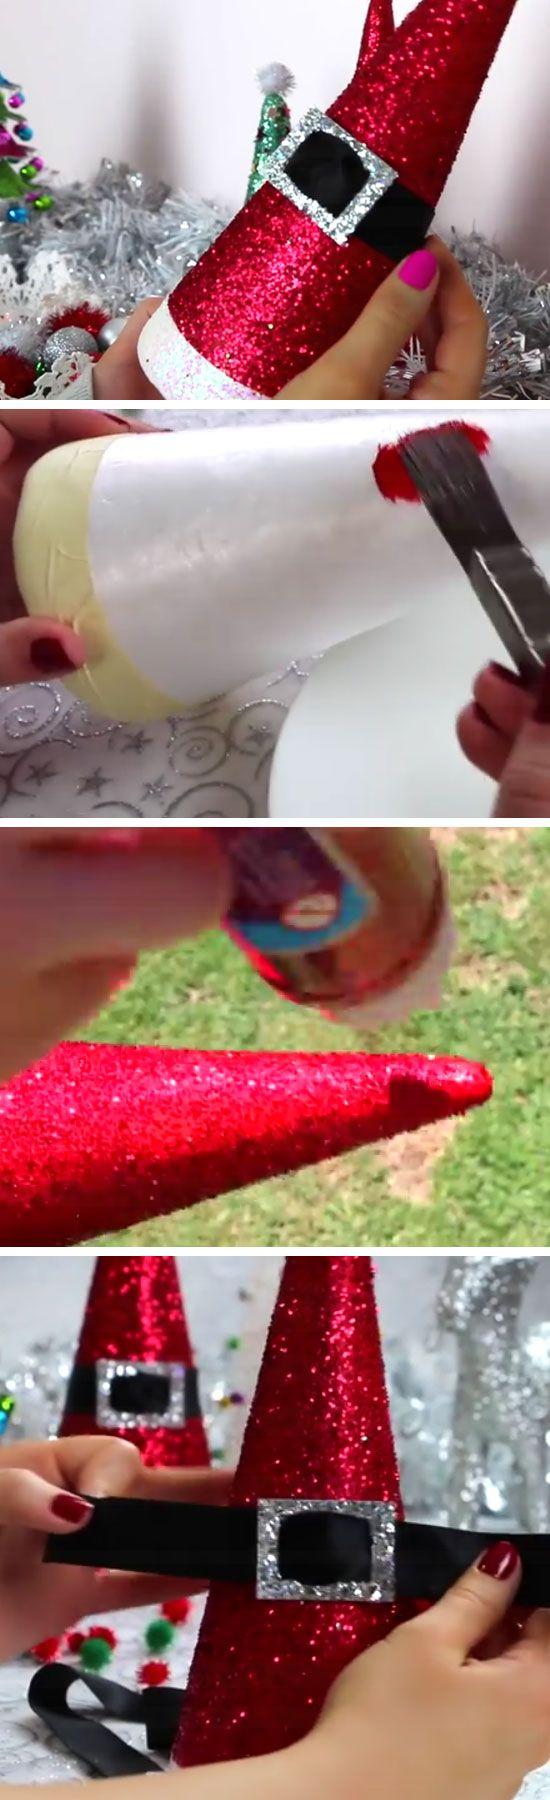 Diy xmas decorations ideas - Diy Santa Hat Cones